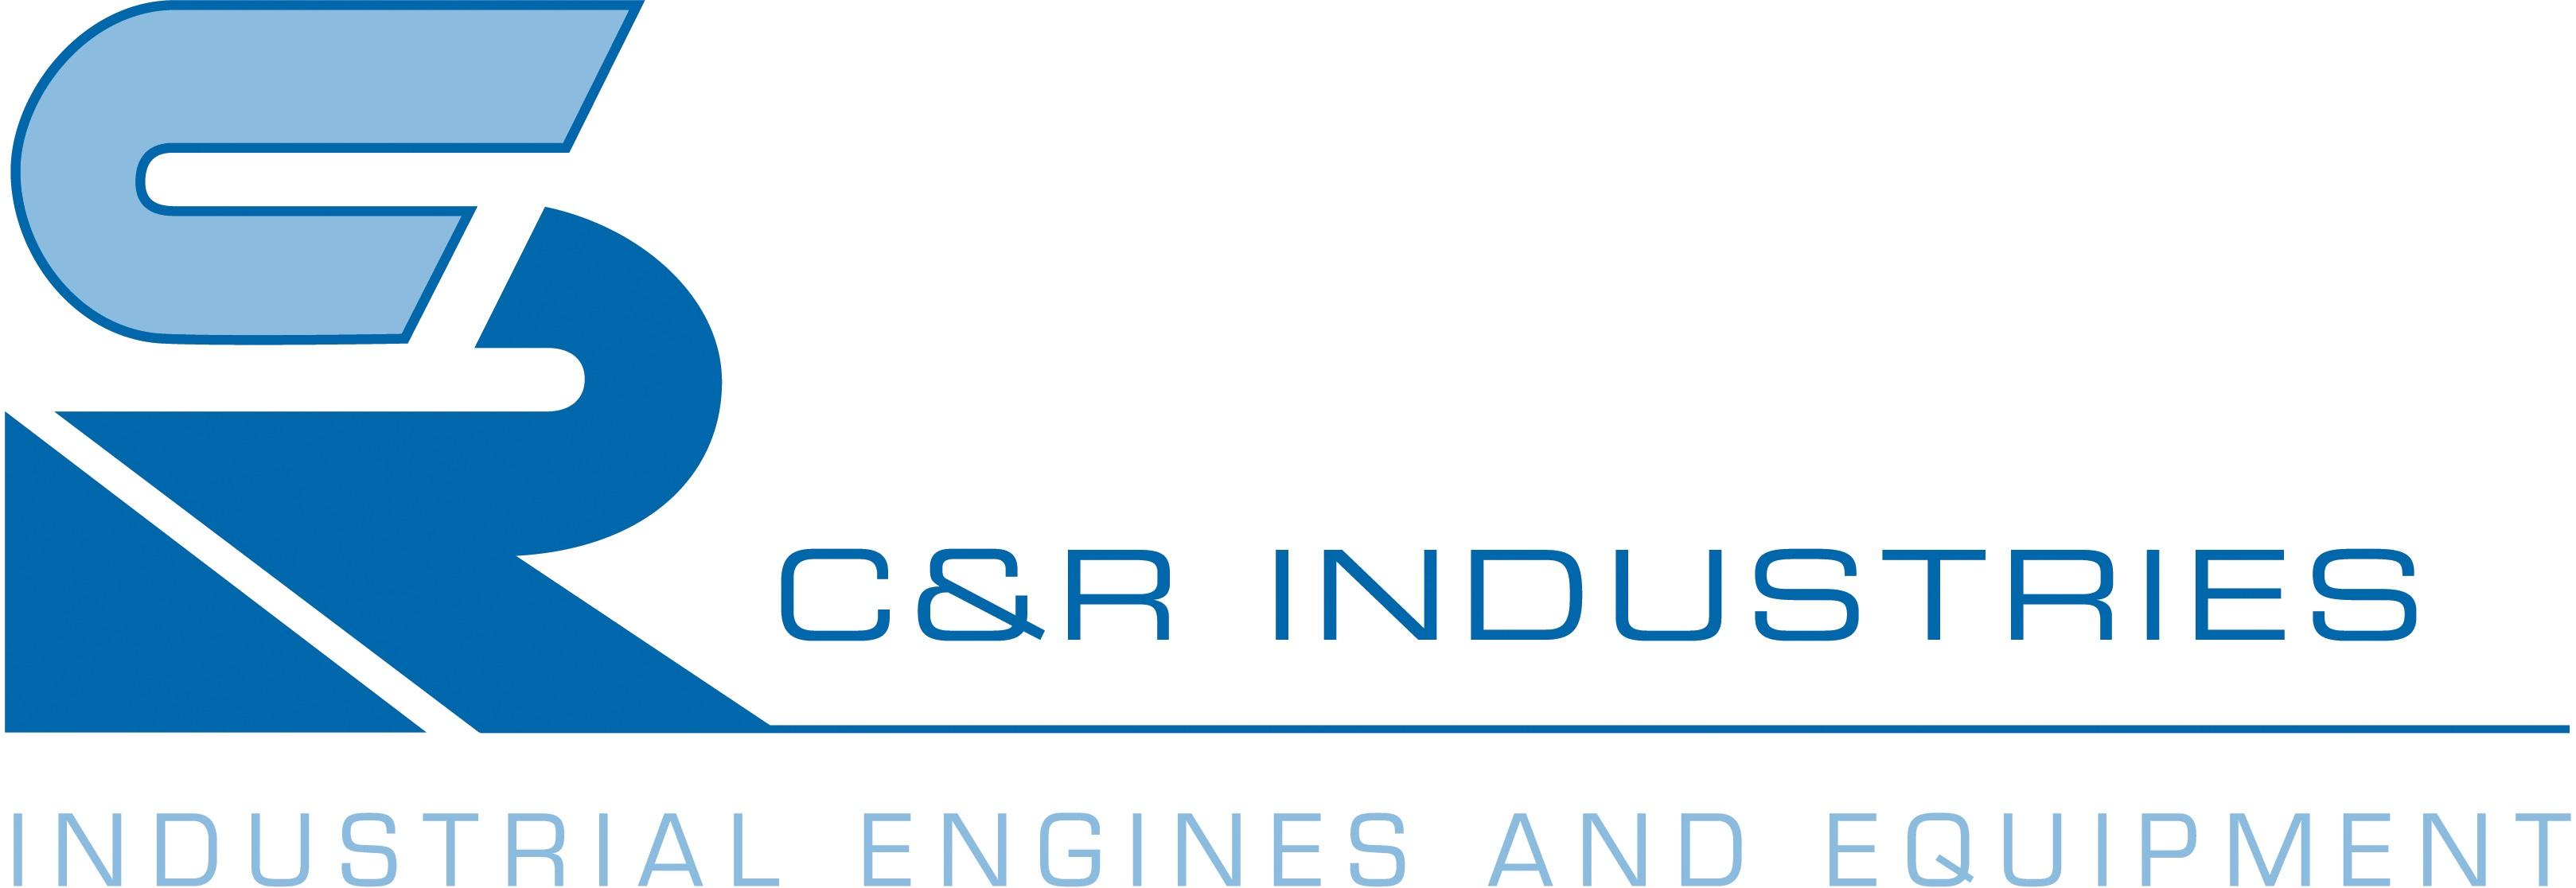 C & R Industrials